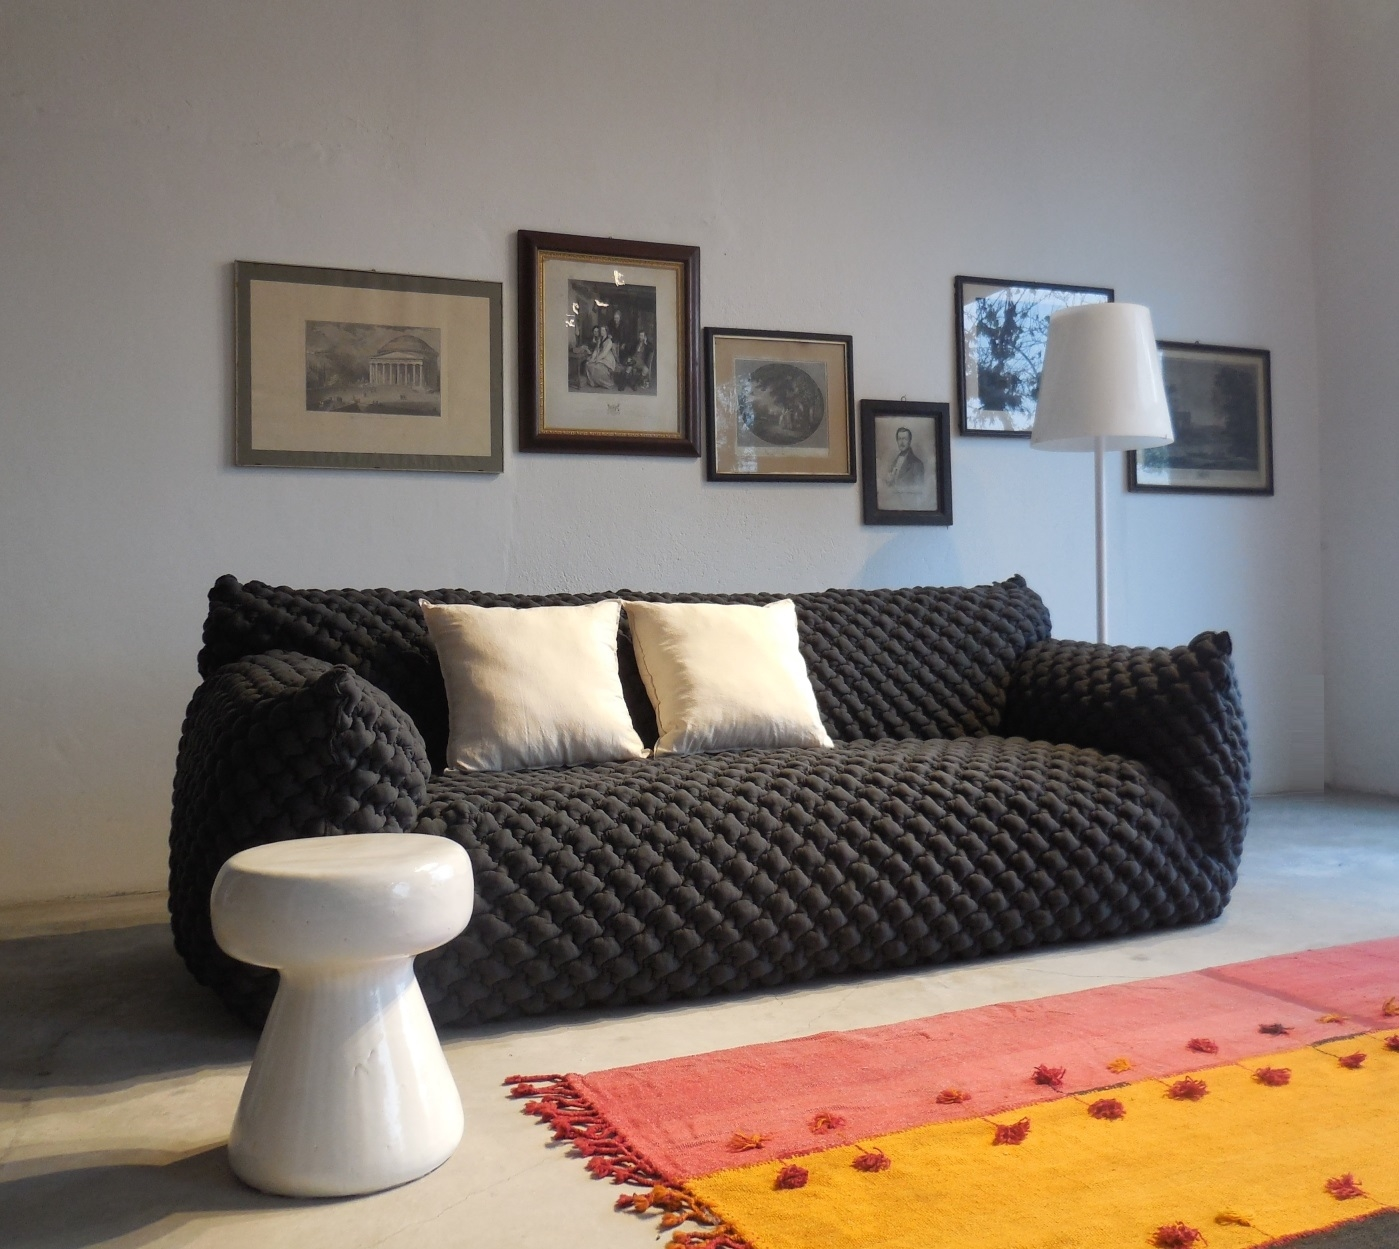 Vendita Divani Online. Gallery Of Divano Letto Simple With Vendita ...